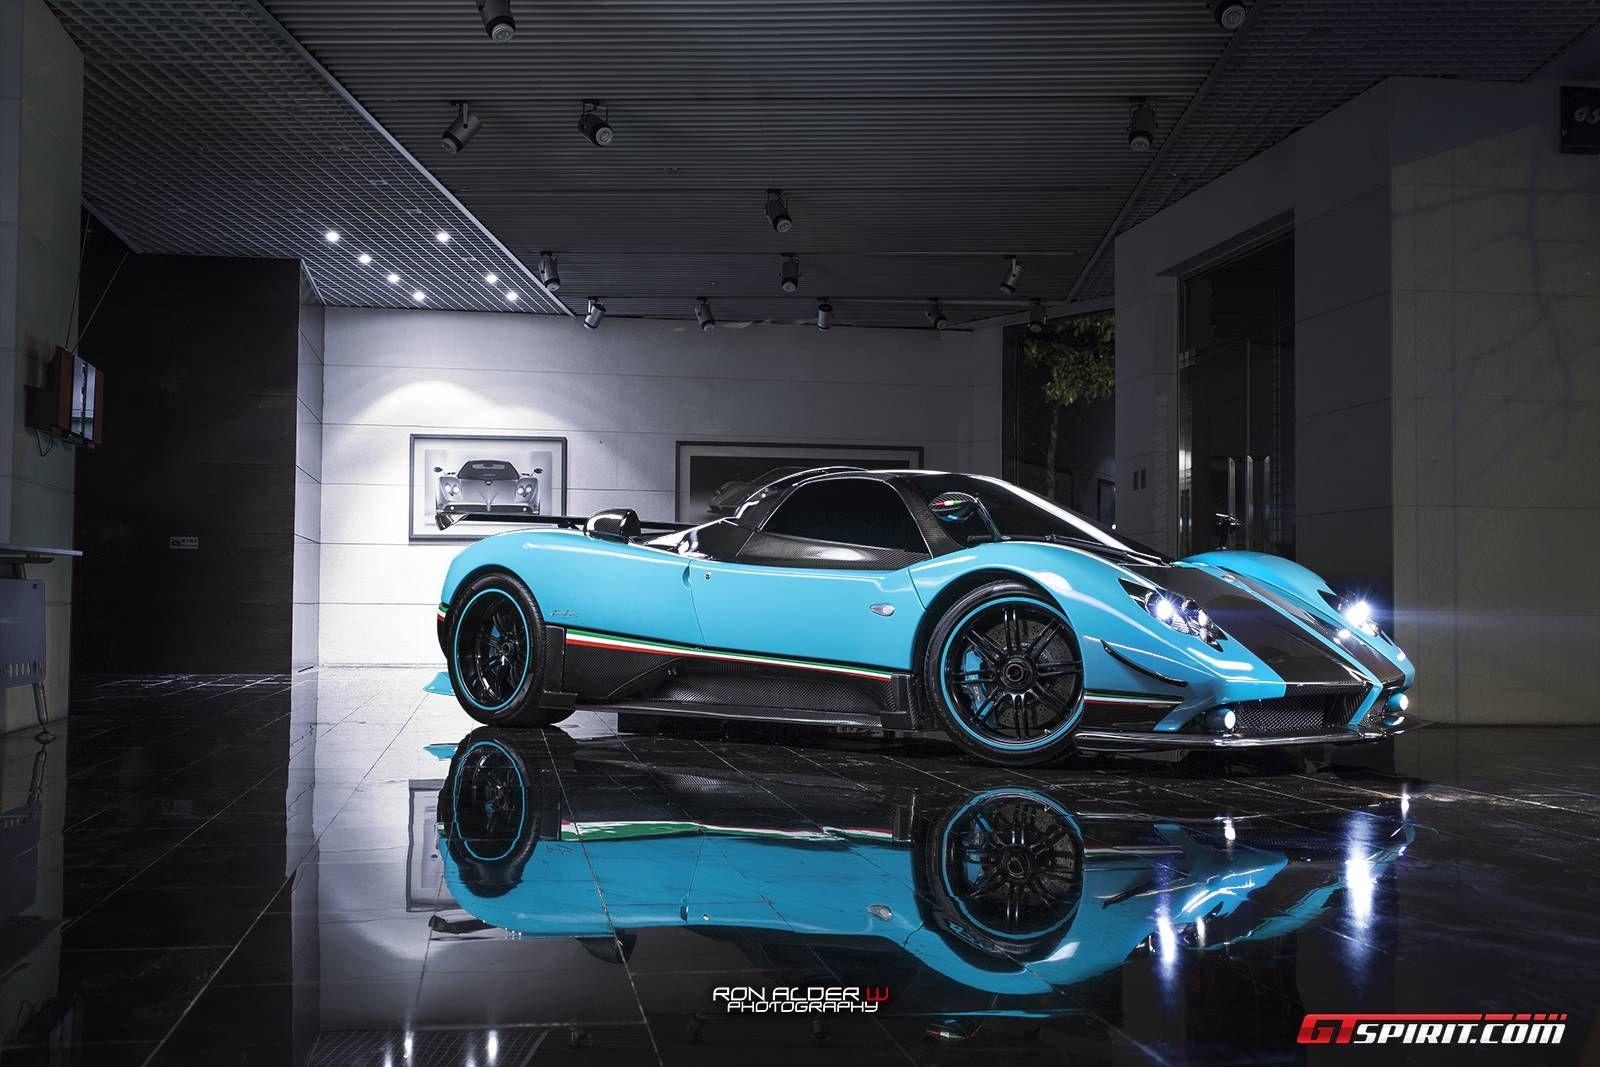 Pagani Zonda Uno 7 3 Liter V12 Amg V12 700hp Expensive Sports Cars Pagani Zonda Pagani